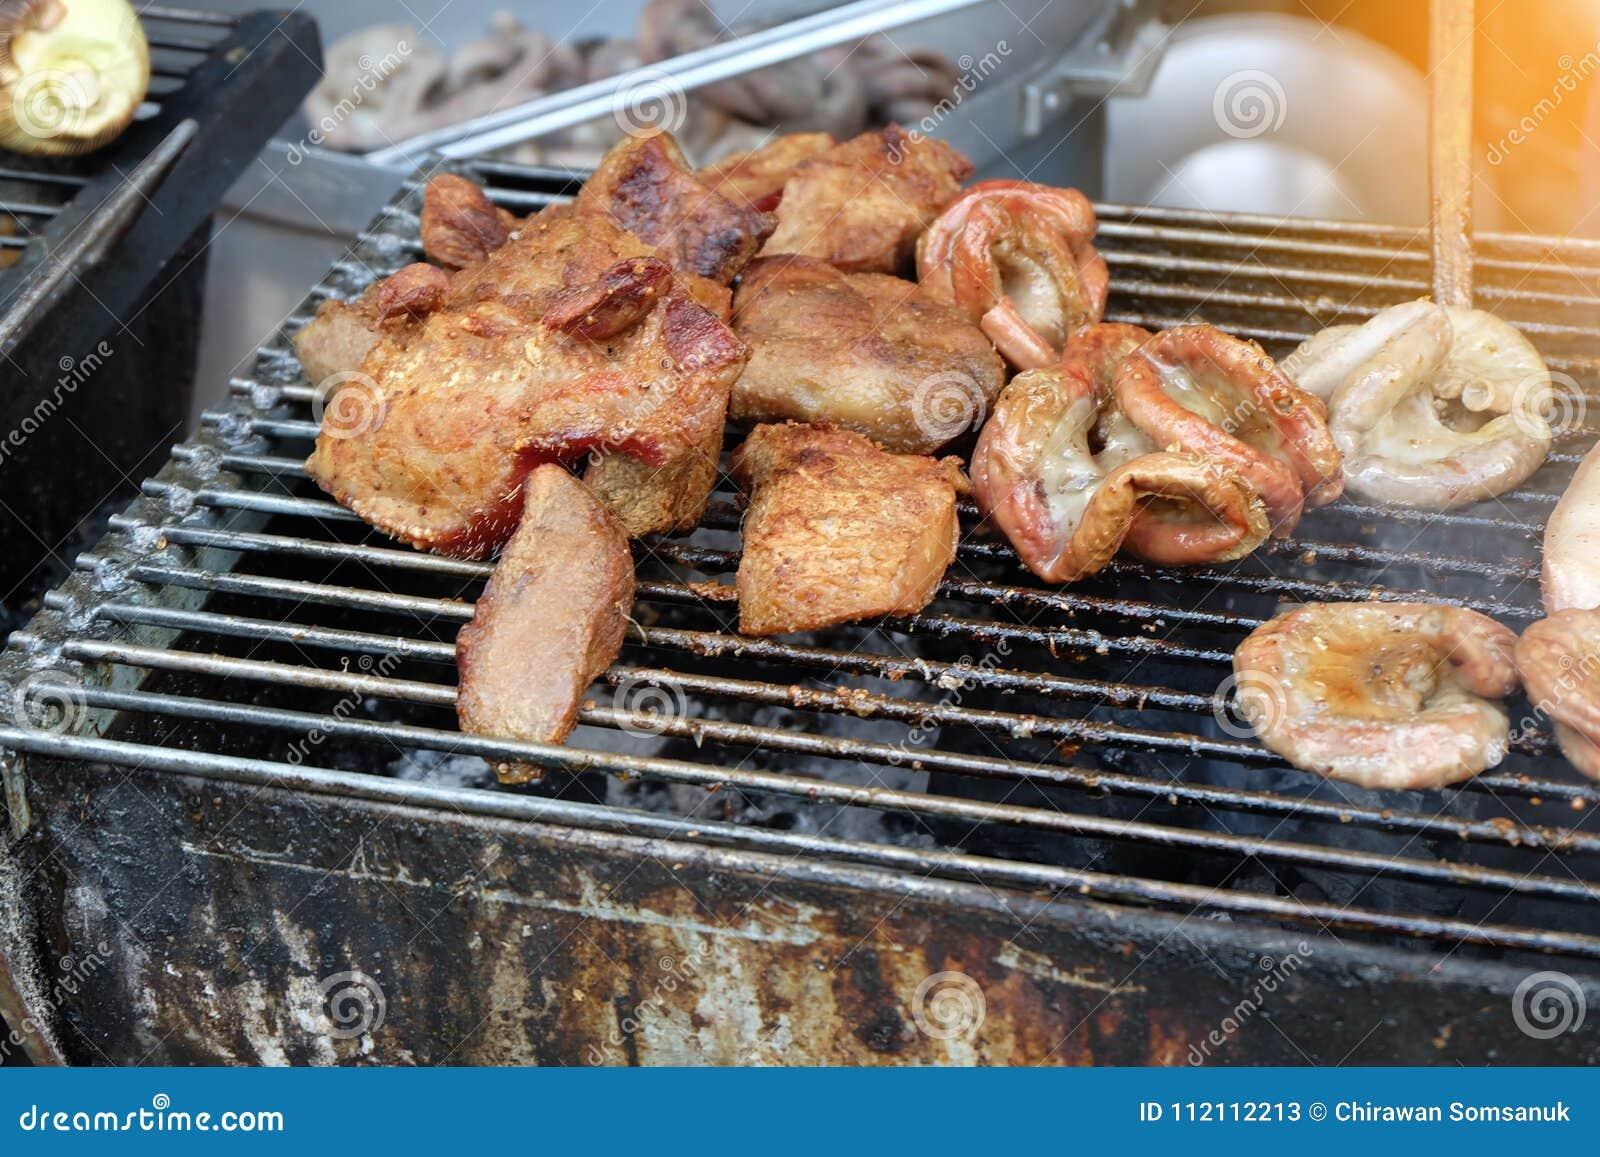 Griil de la carne en la comida de la calle